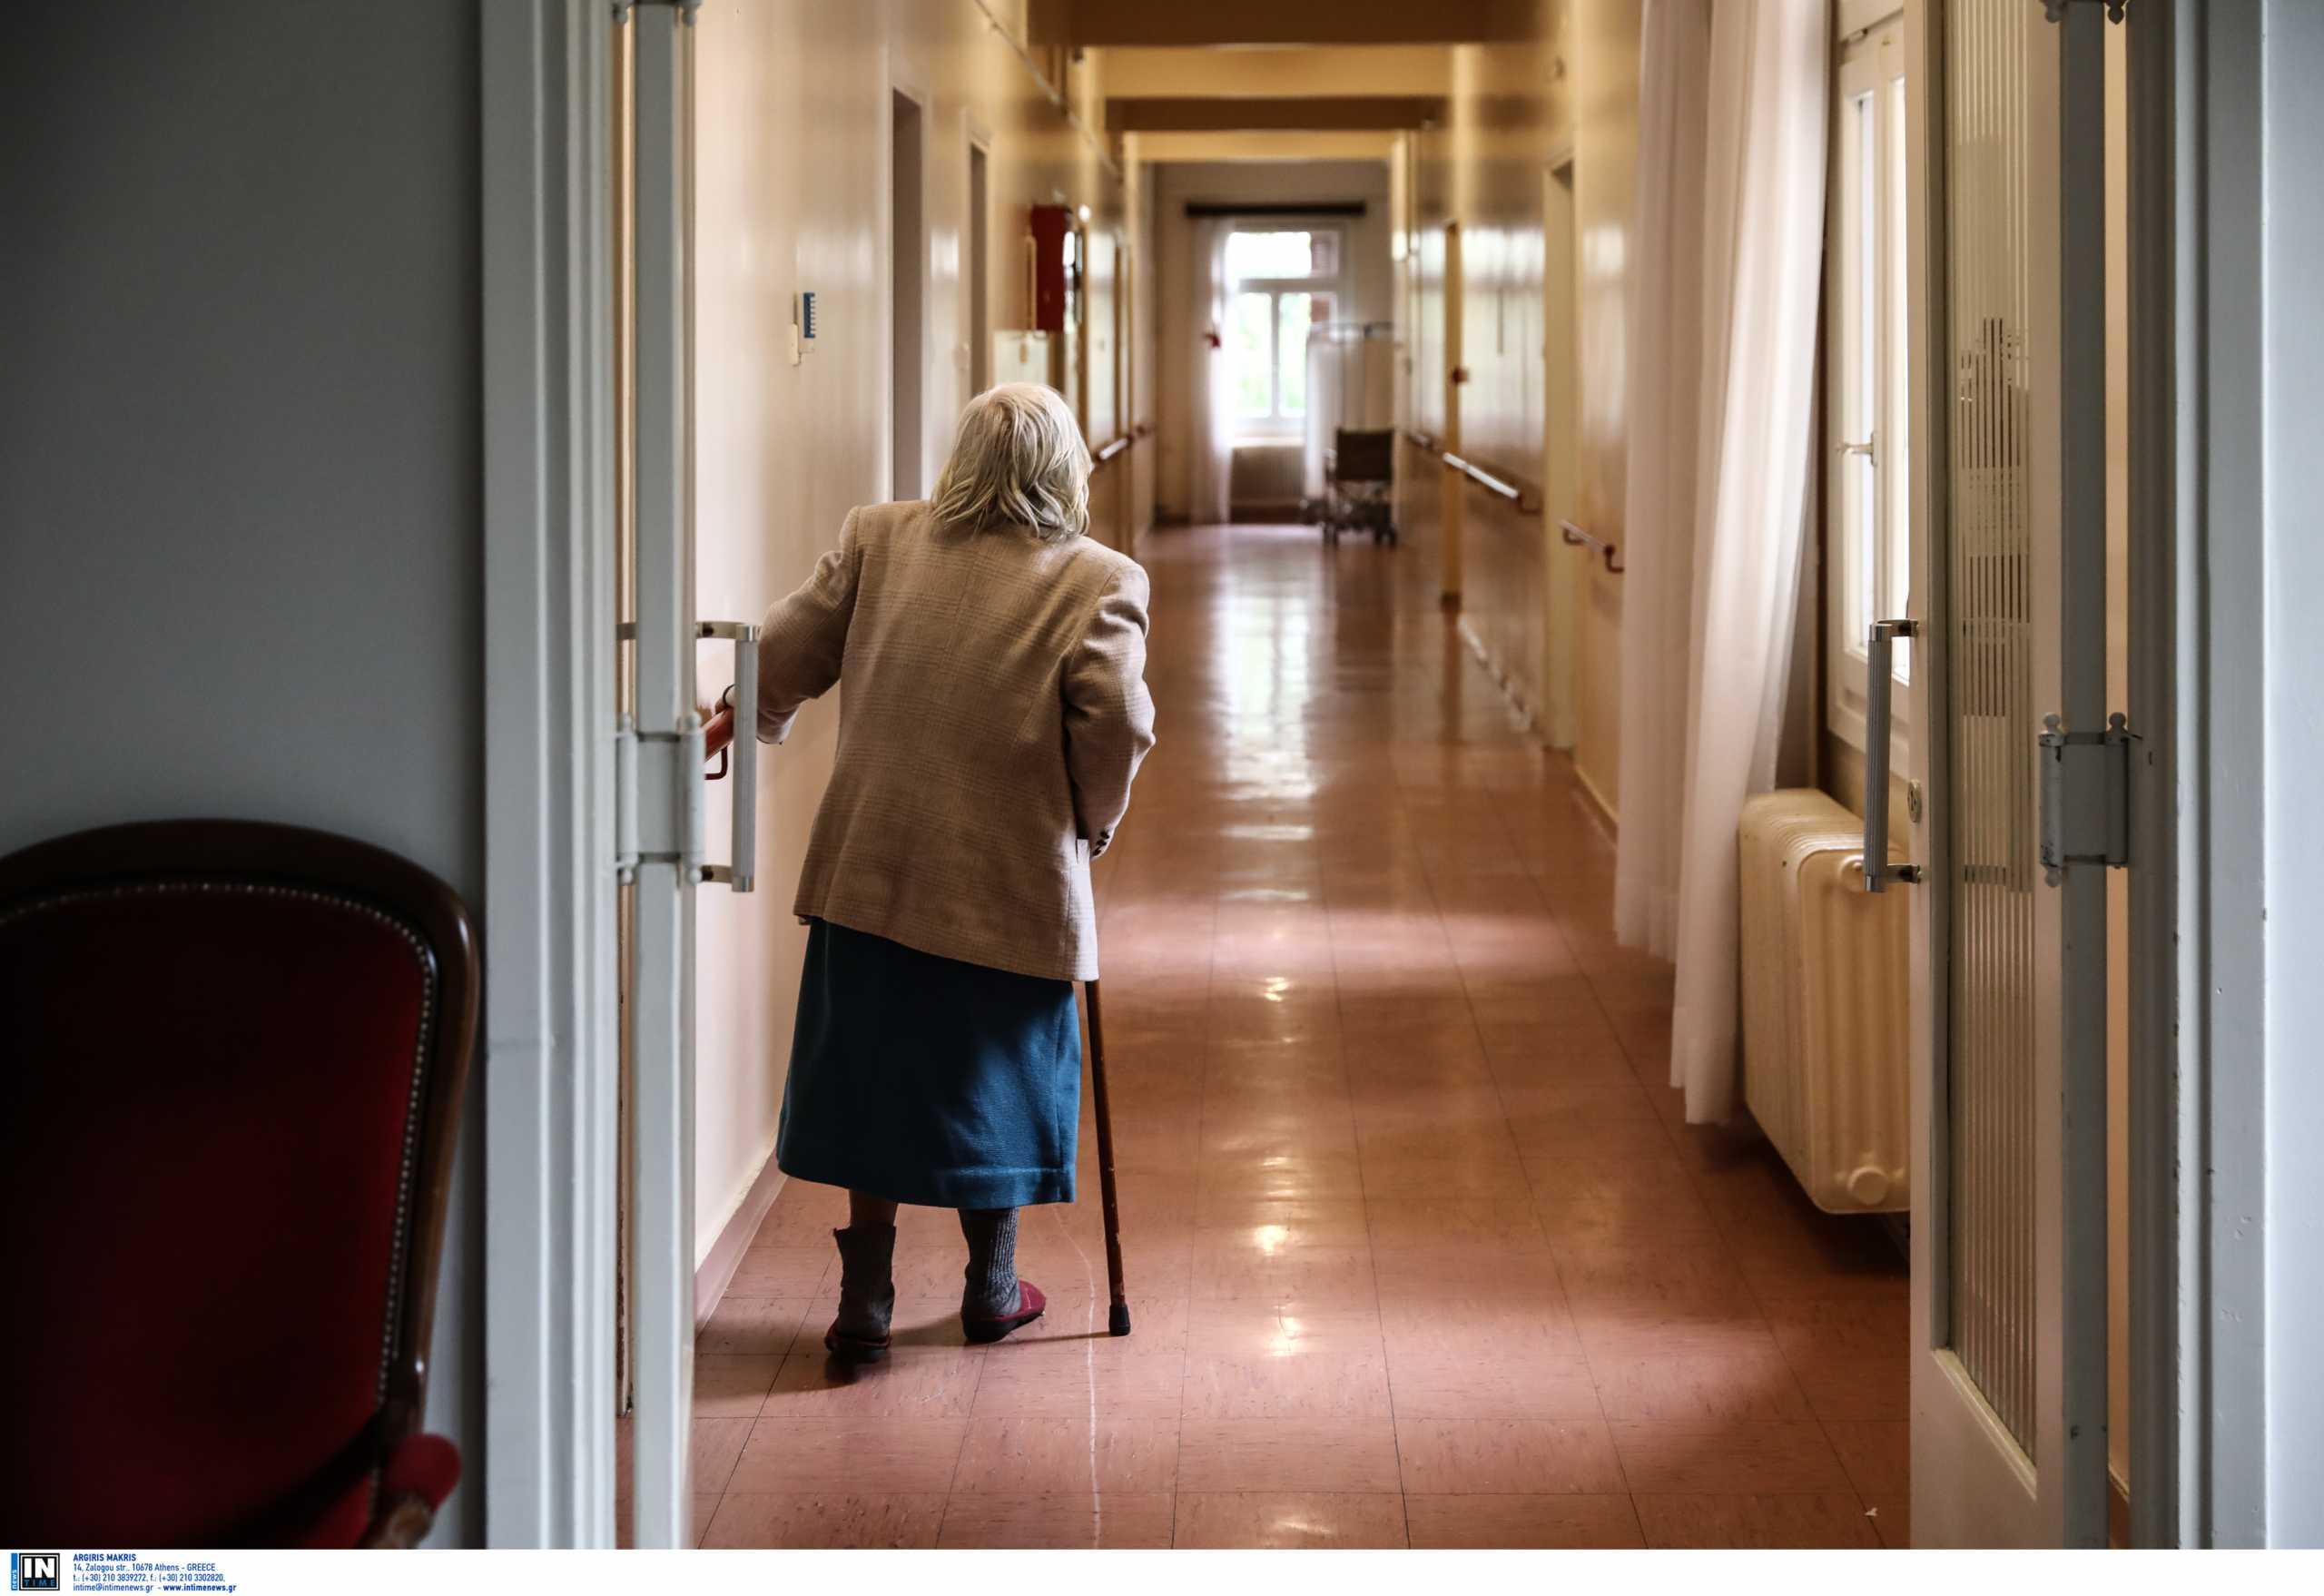 Σοκ με το γηροκομείο του θανάτου στα Χανιά – Αρνείται τα πάντα ο δικηγόρος της επιχείρησης